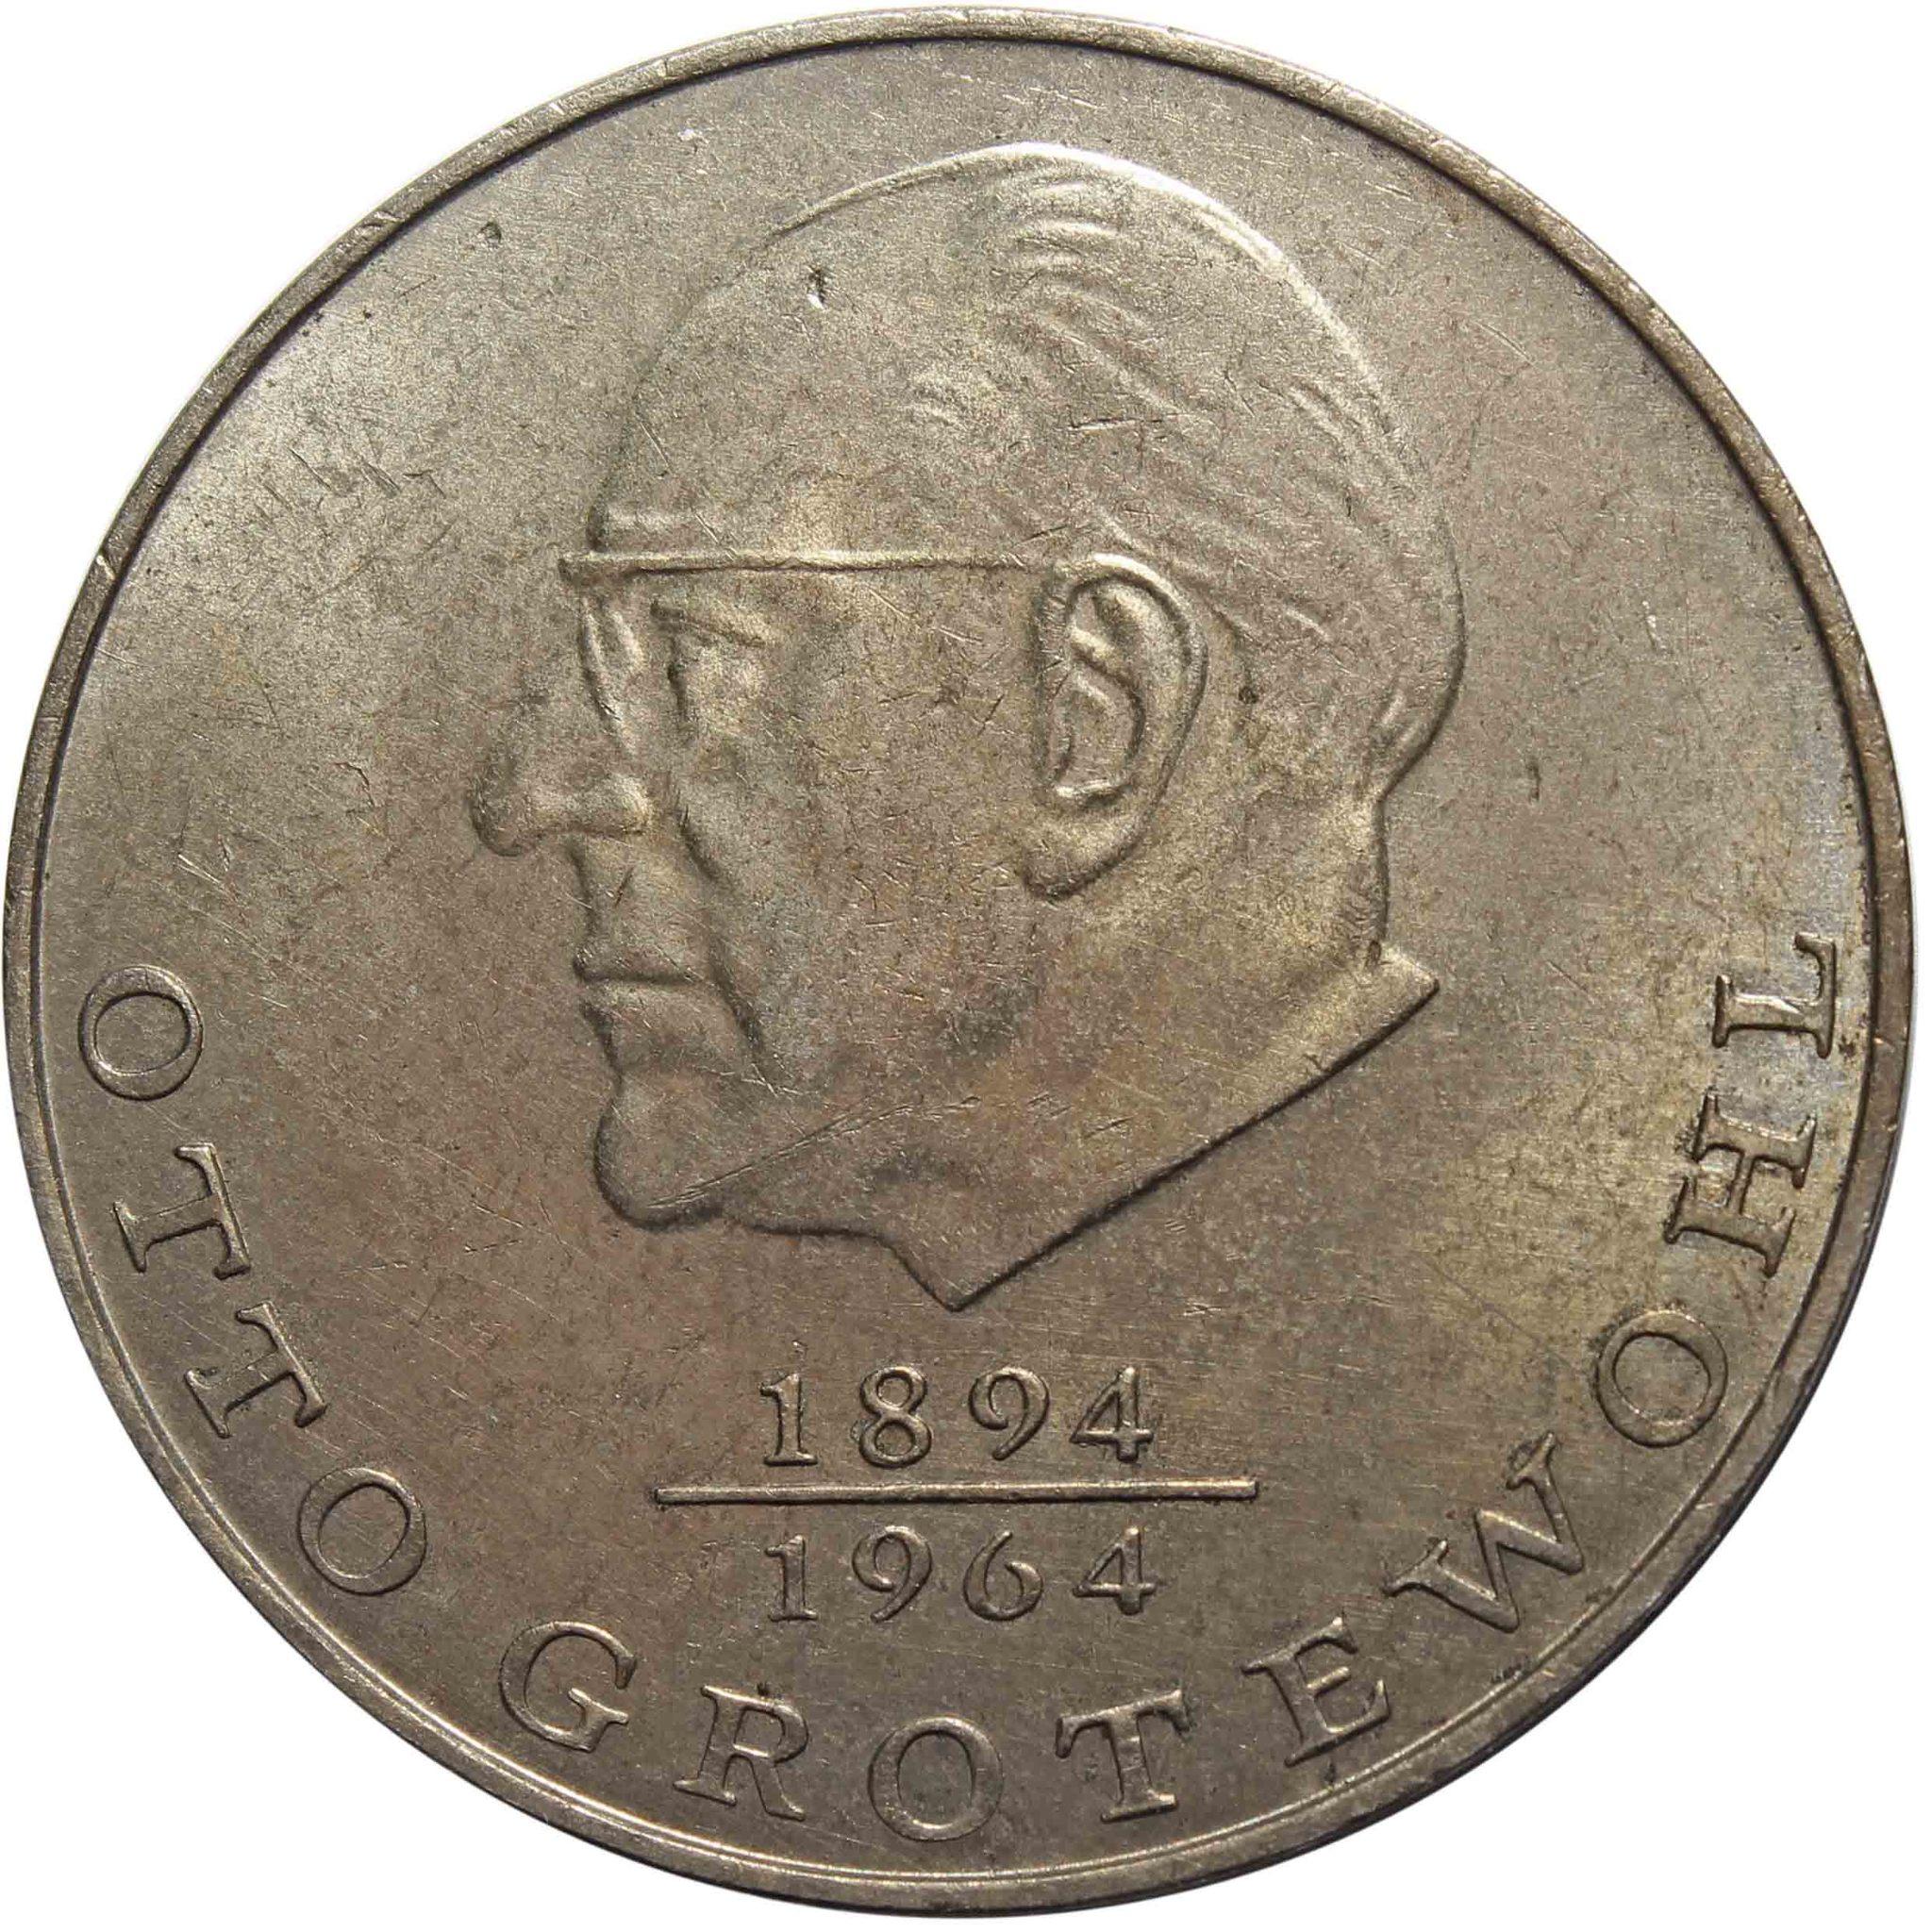 20 марок. Отто Гротеволь. (A). Германия-ГДР. Медноникель. 1973 год. XF